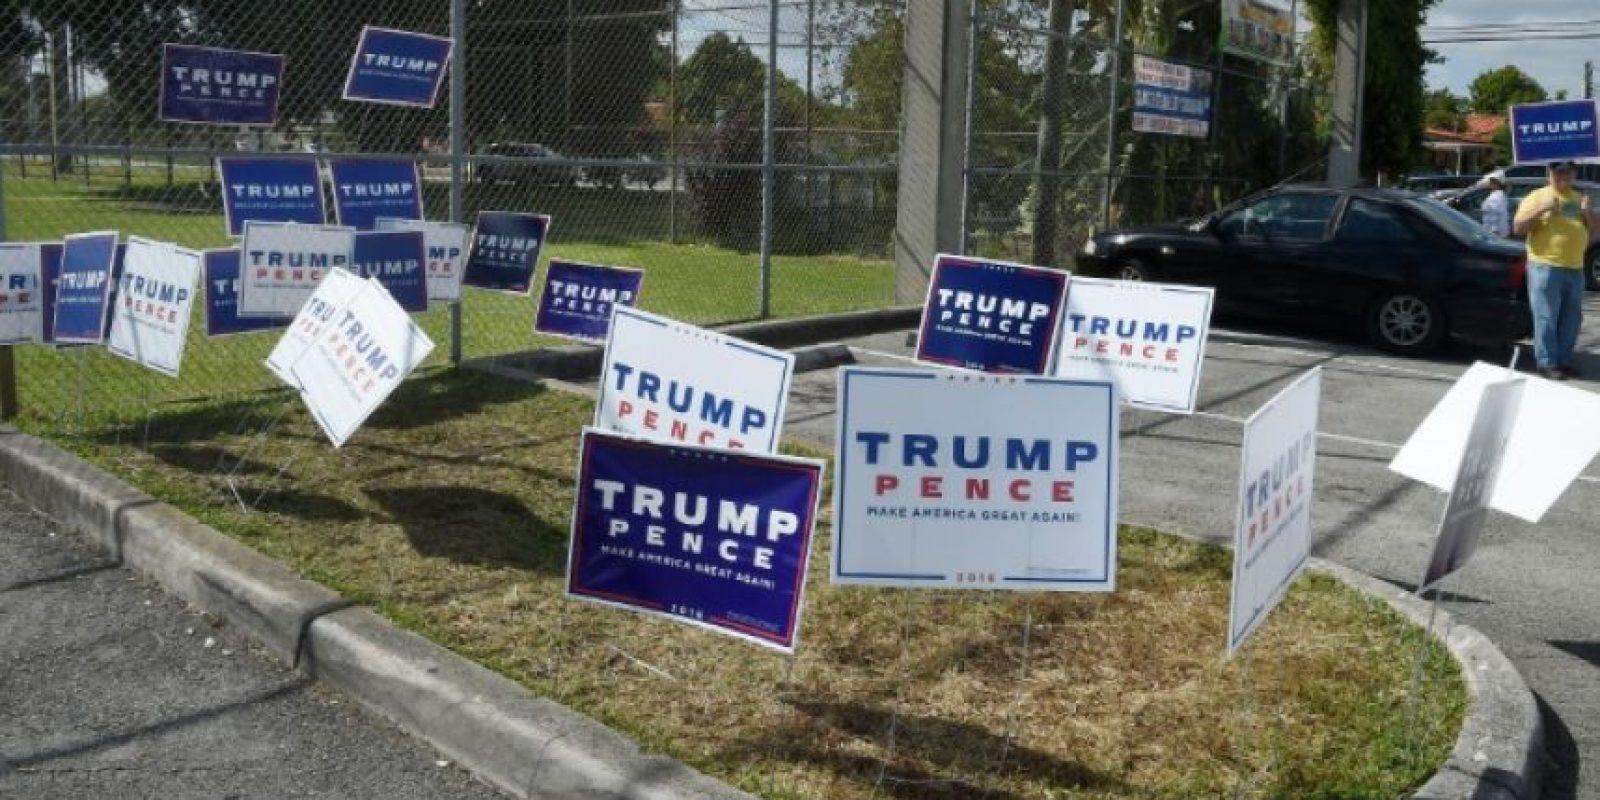 Unos carteles de la campaña del candidato republicano a la Casa Blanca, Donald Trump, colocados el 8 de noviembre de 2016 en Miami (Florida, EEUU) Foto:Rhona Wise/afp.com